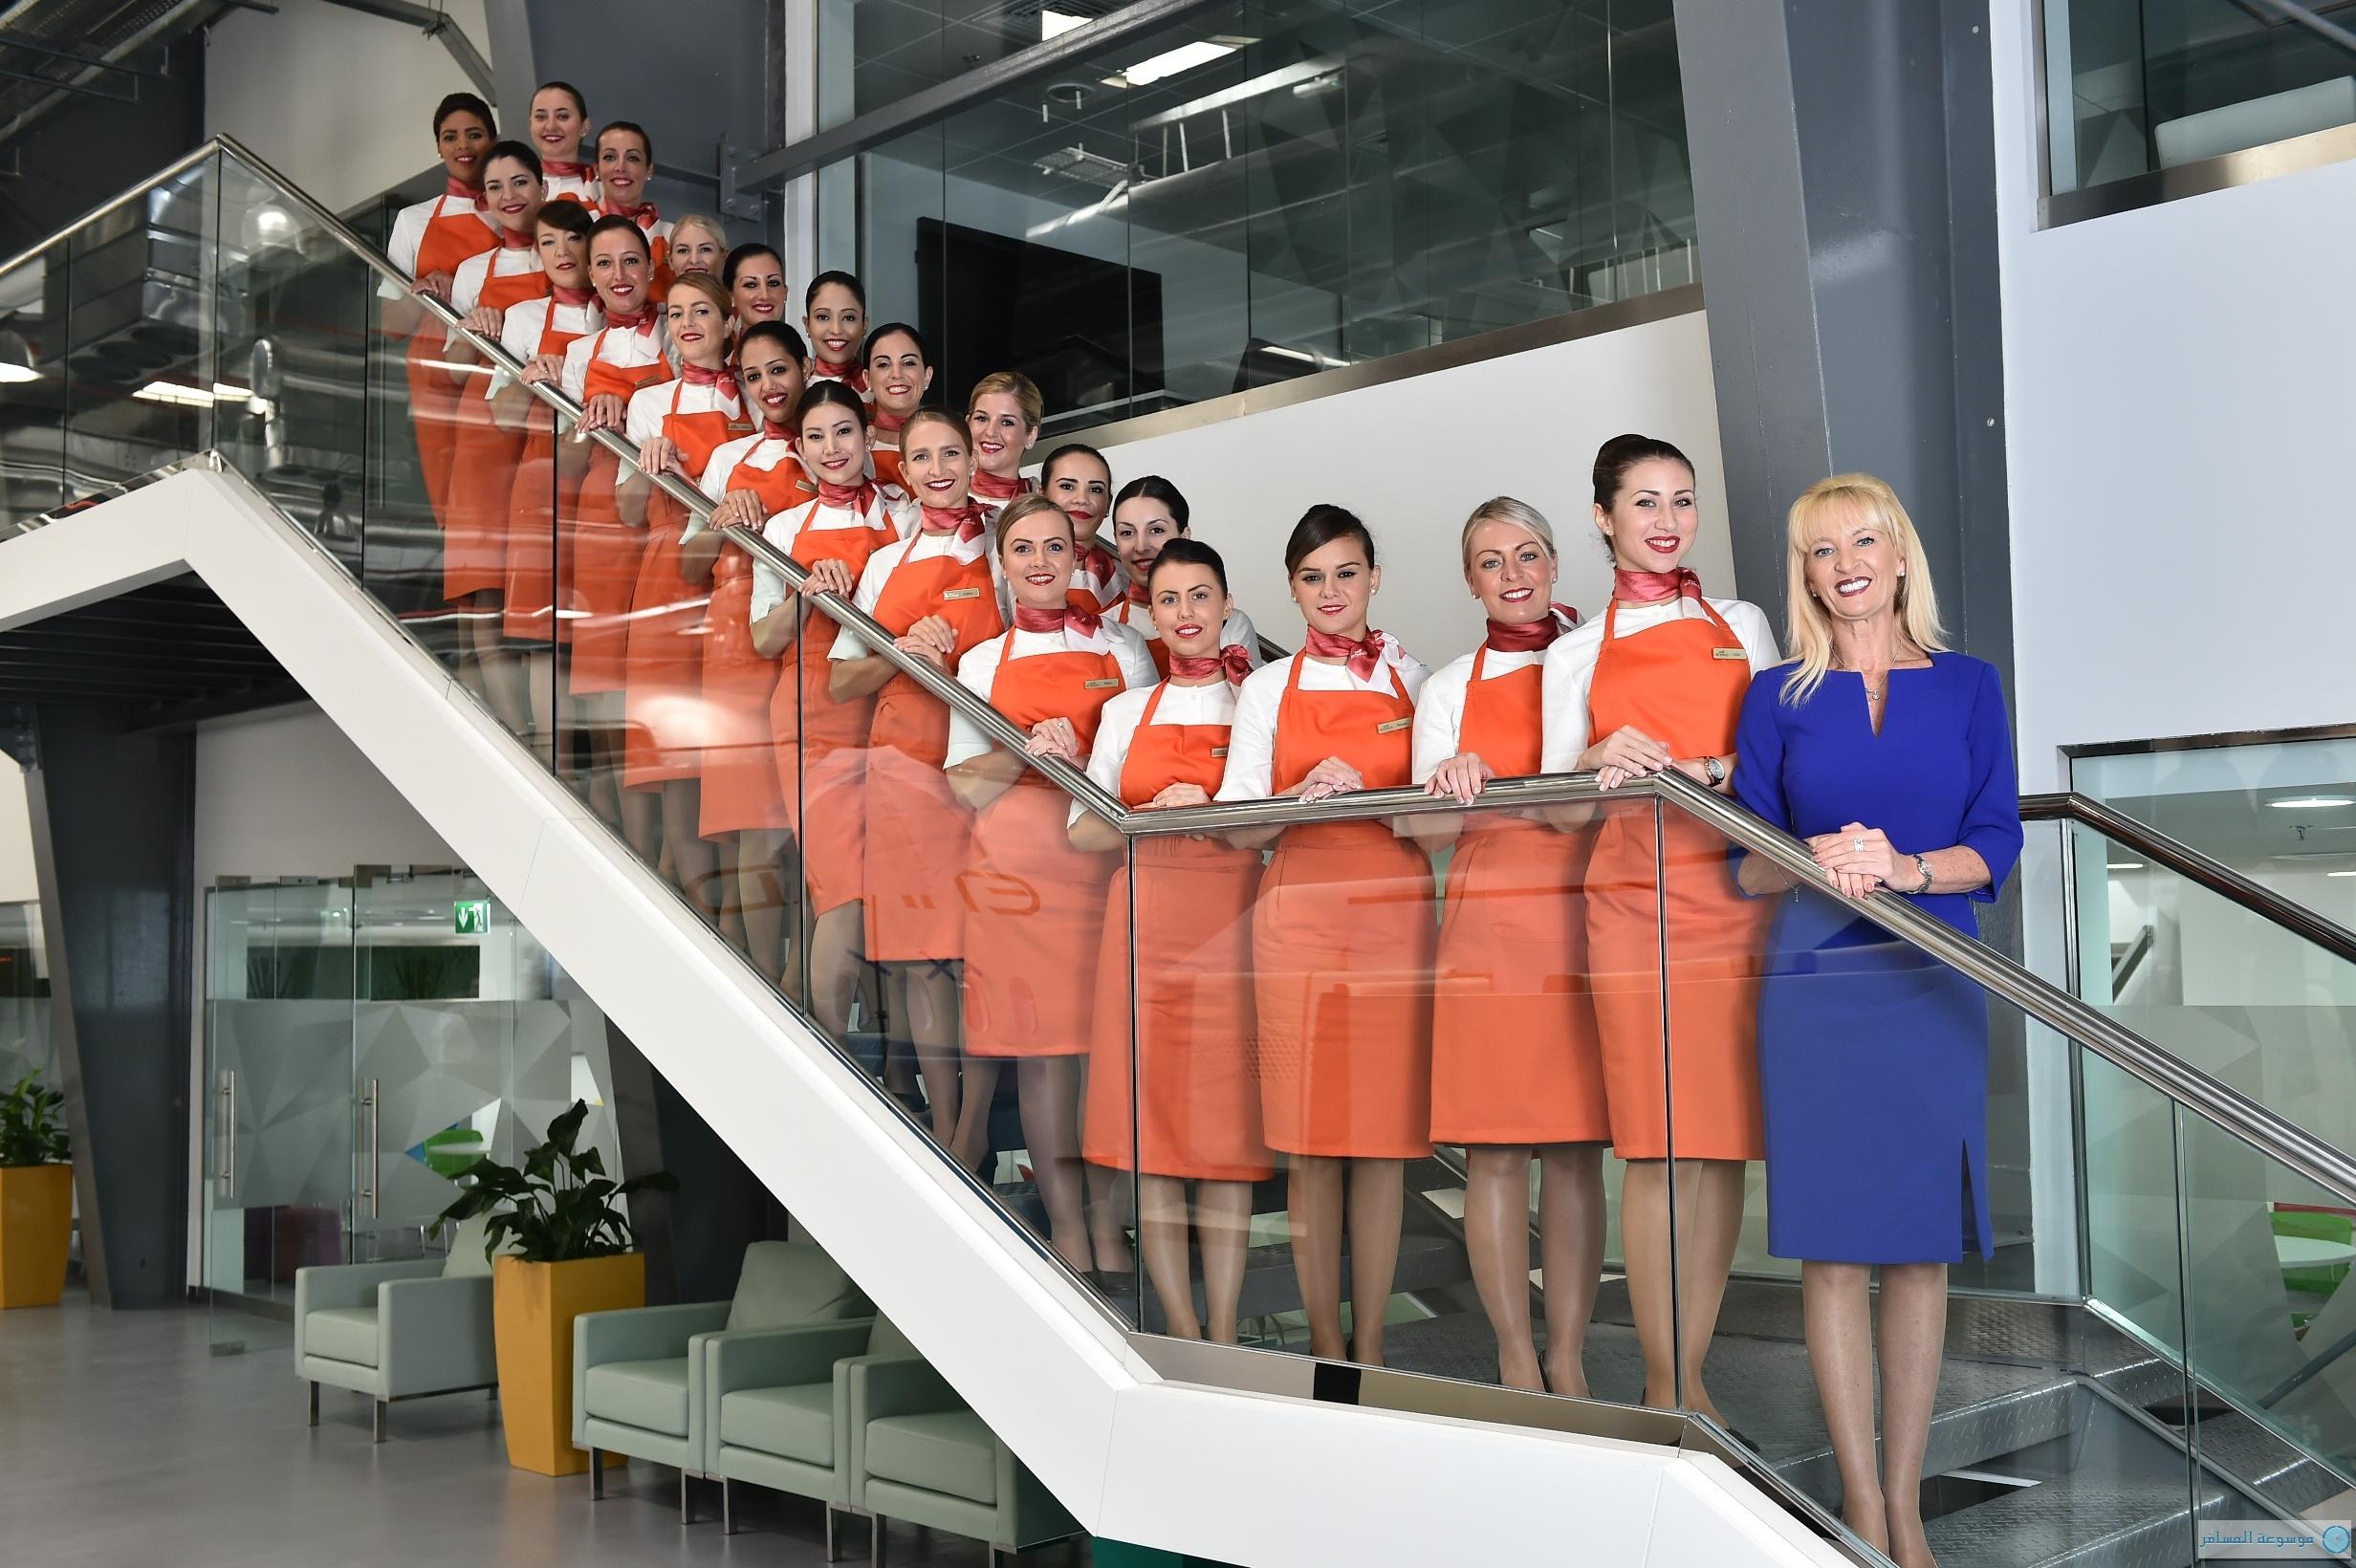 المربيات في الأجواء مربيات الأطفال الاتحاد للطيران